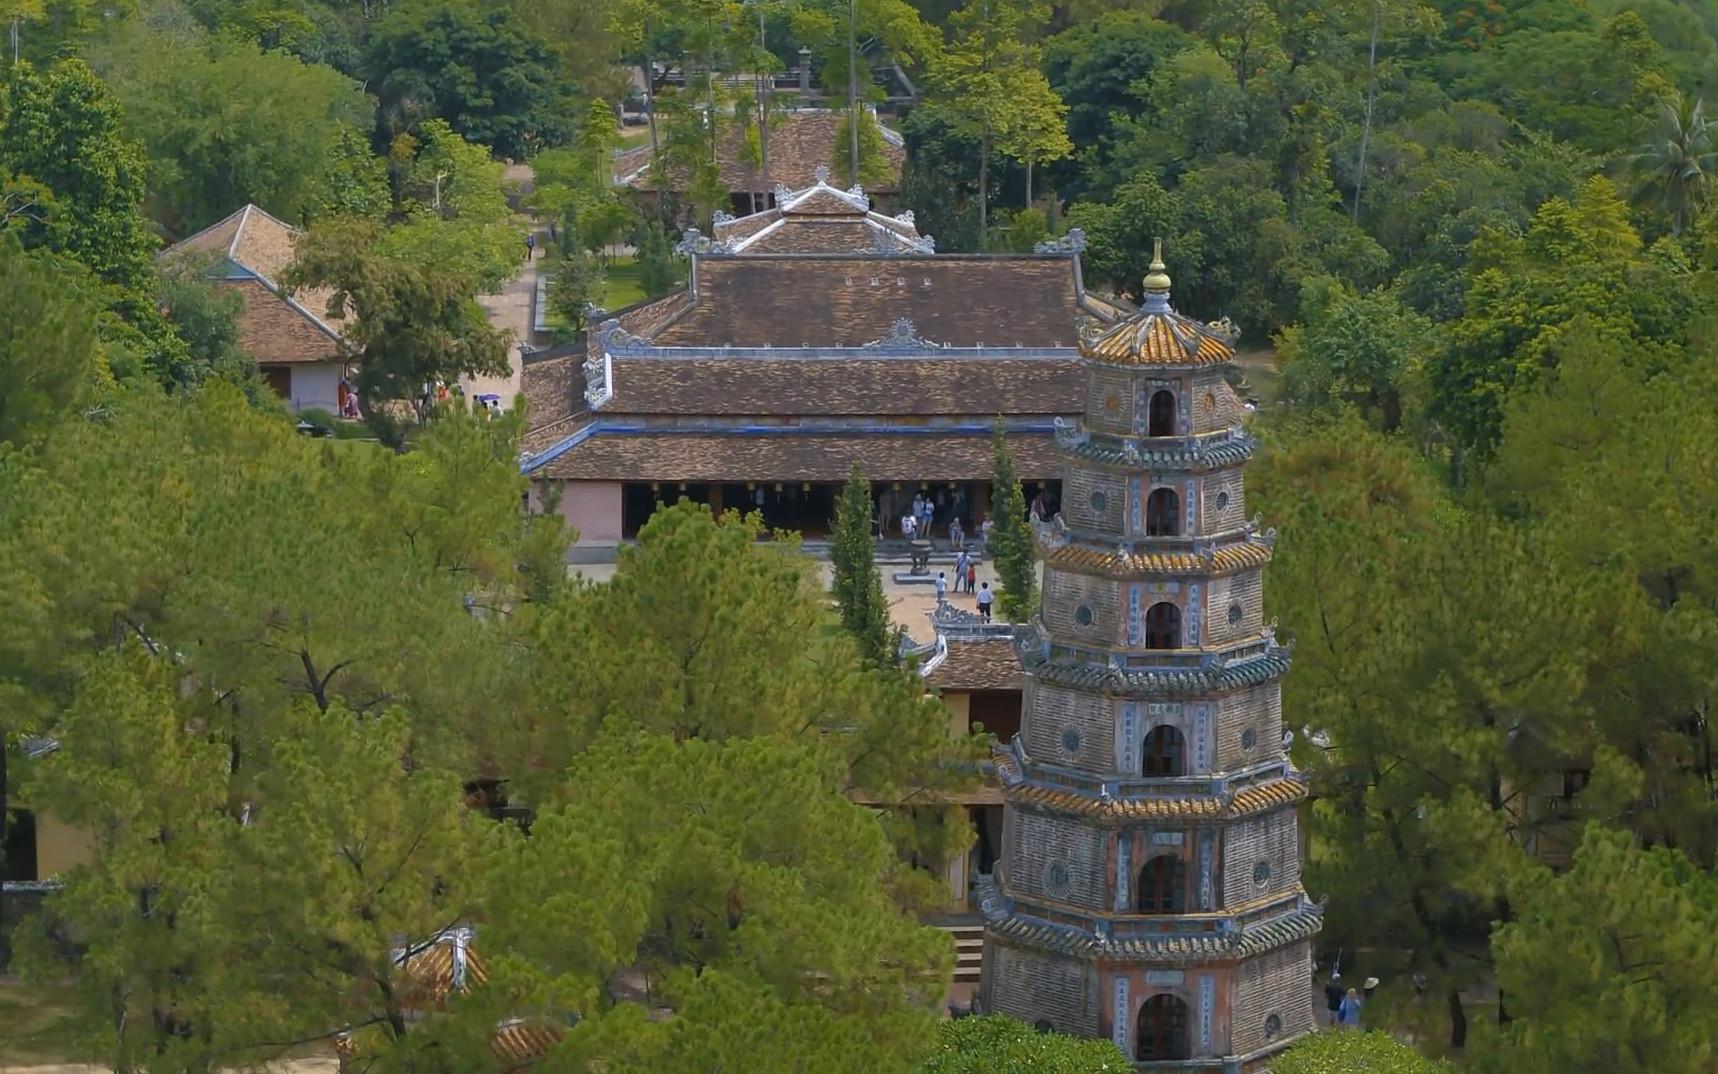 Ngôi chùa cổ kính soi bóng trên dòng sông Hương mộng mơ - 4